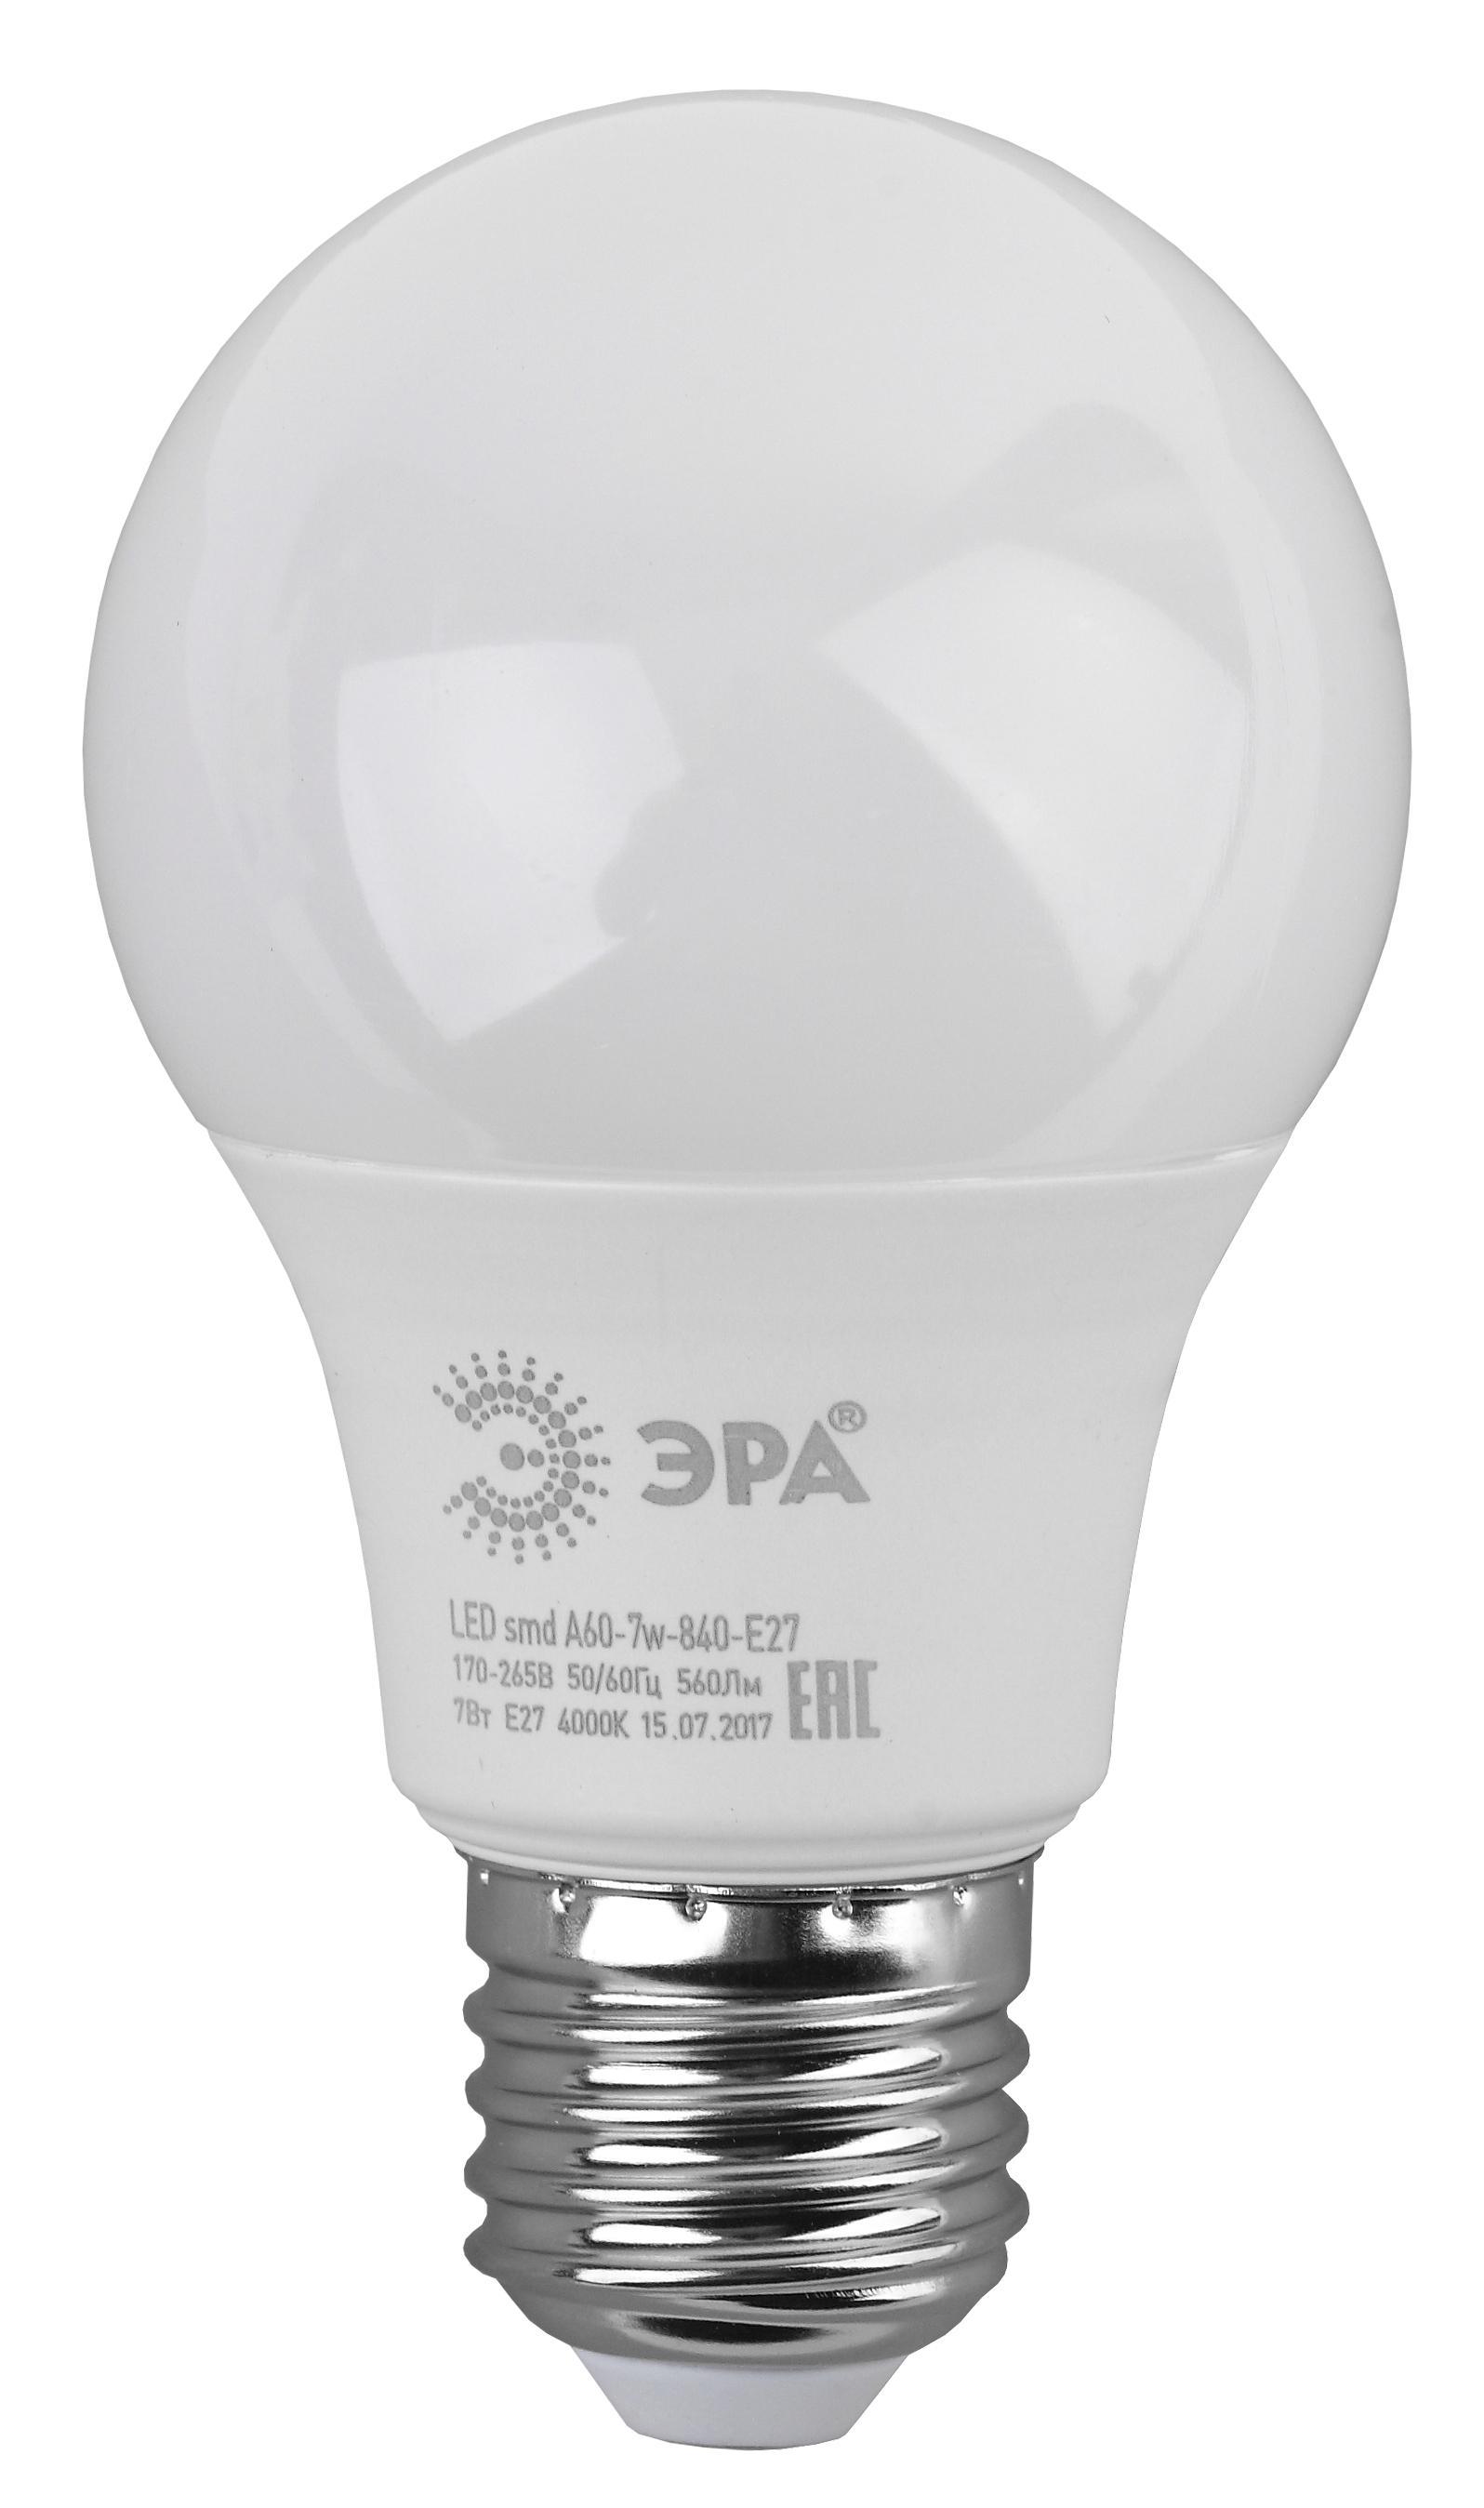 Лампа светодиодная ЭРА Led smd a60-7w-840-e27 лампа светодиодная эра led smd bxs 7w 840 e14 clear